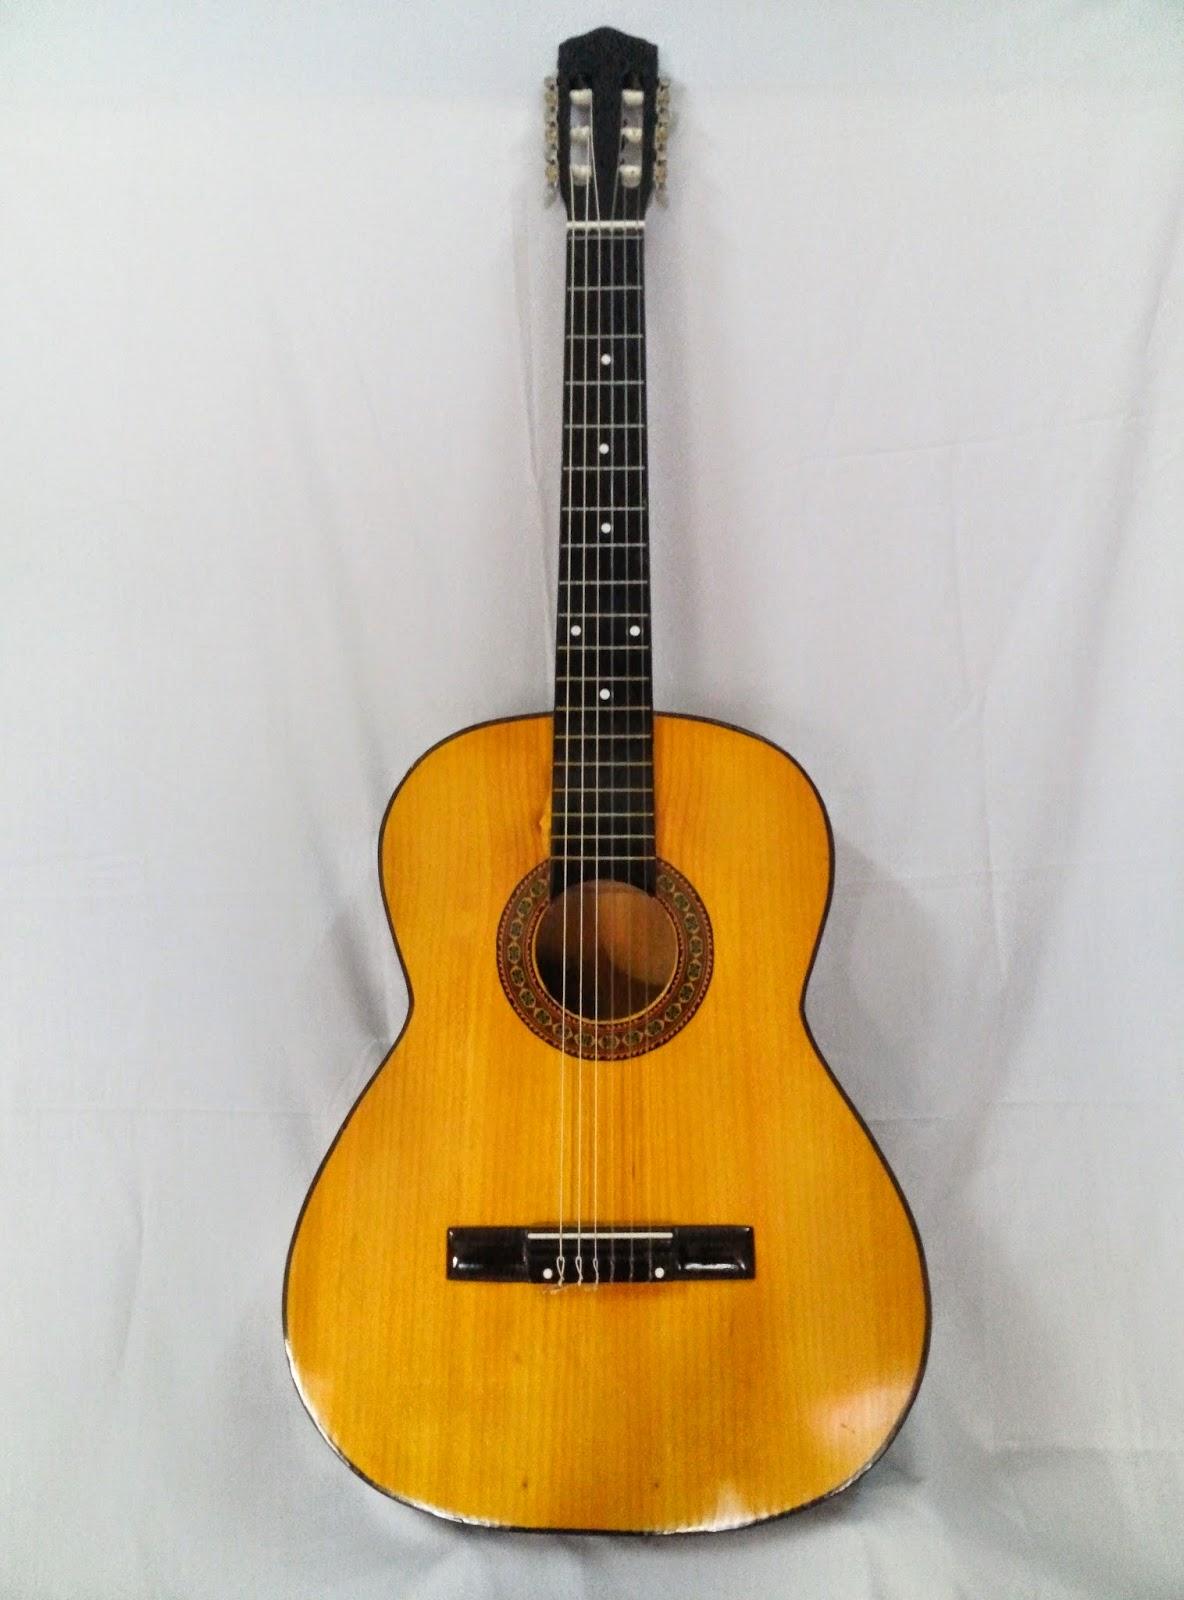 đàn guitar cho người mới chơi